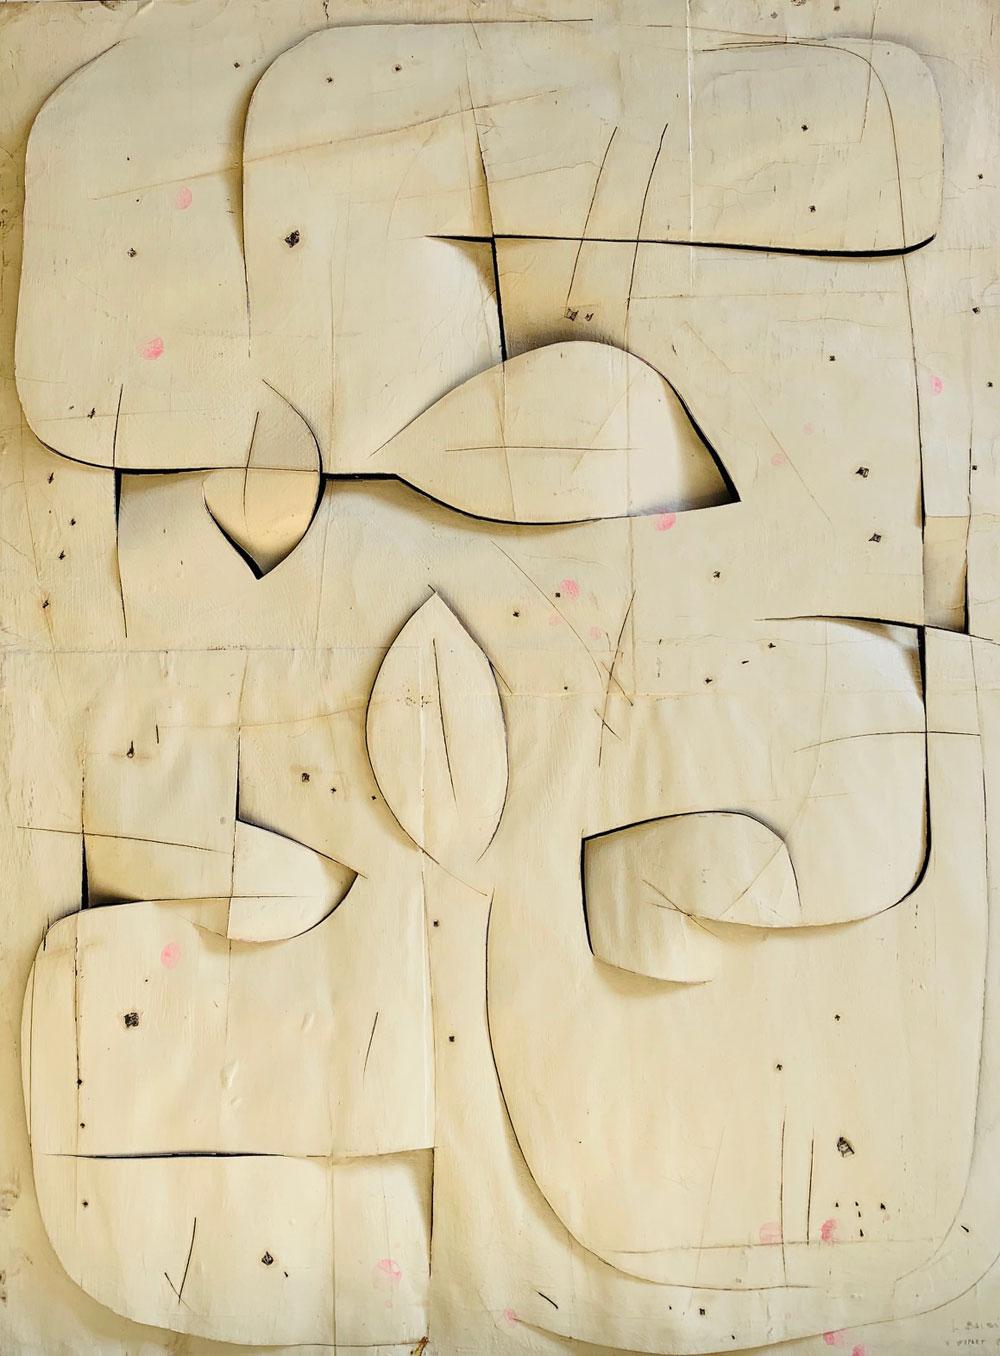 In arrivo a Lugano la quarta edizione di WopArt, fiera internazionale dedicata alle opere su carta